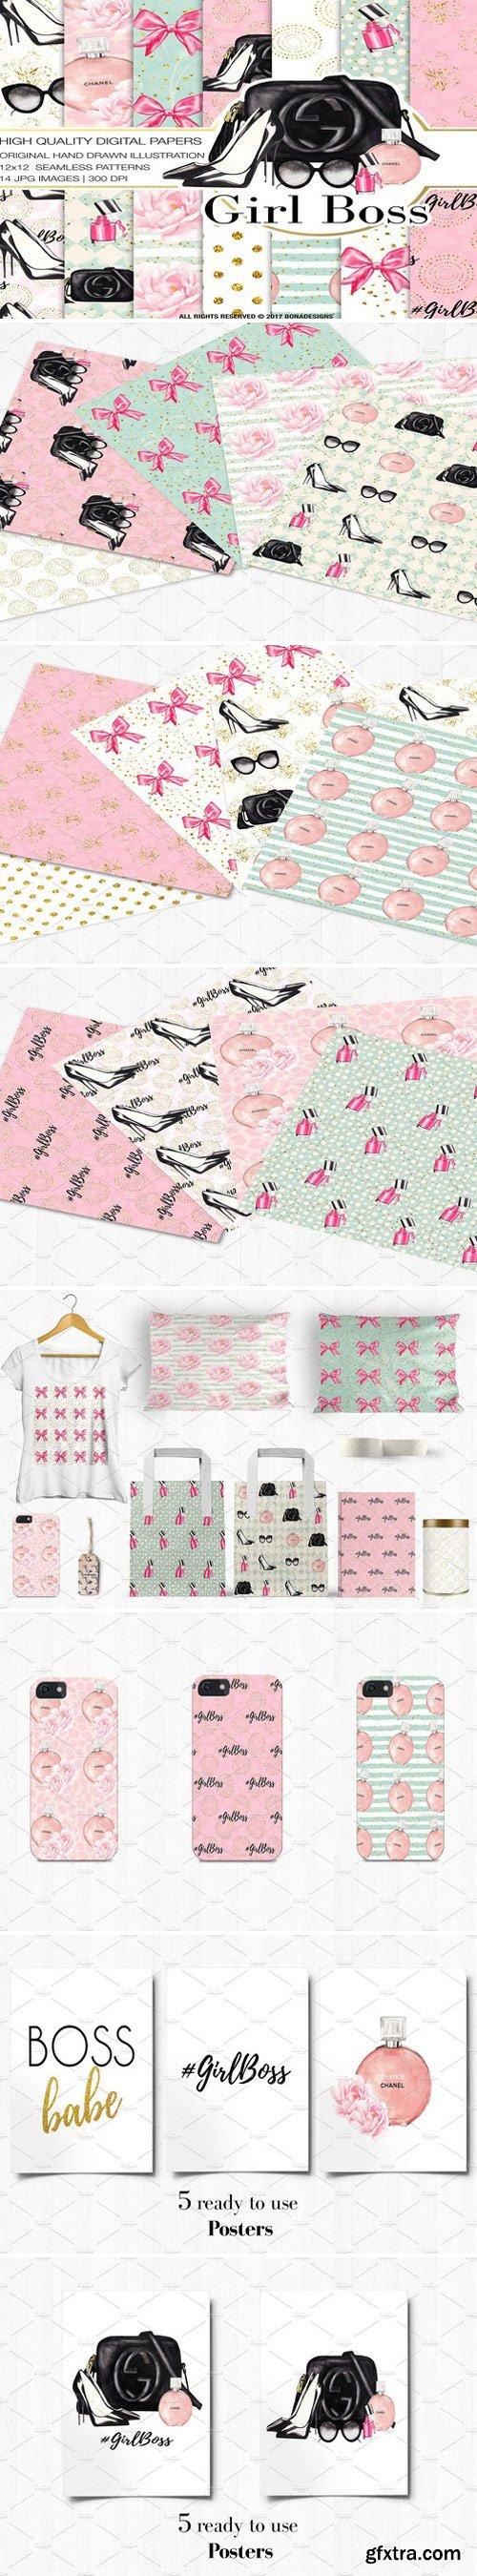 CM - GirlBoss Digital Paper+Bonus Posters 2212050